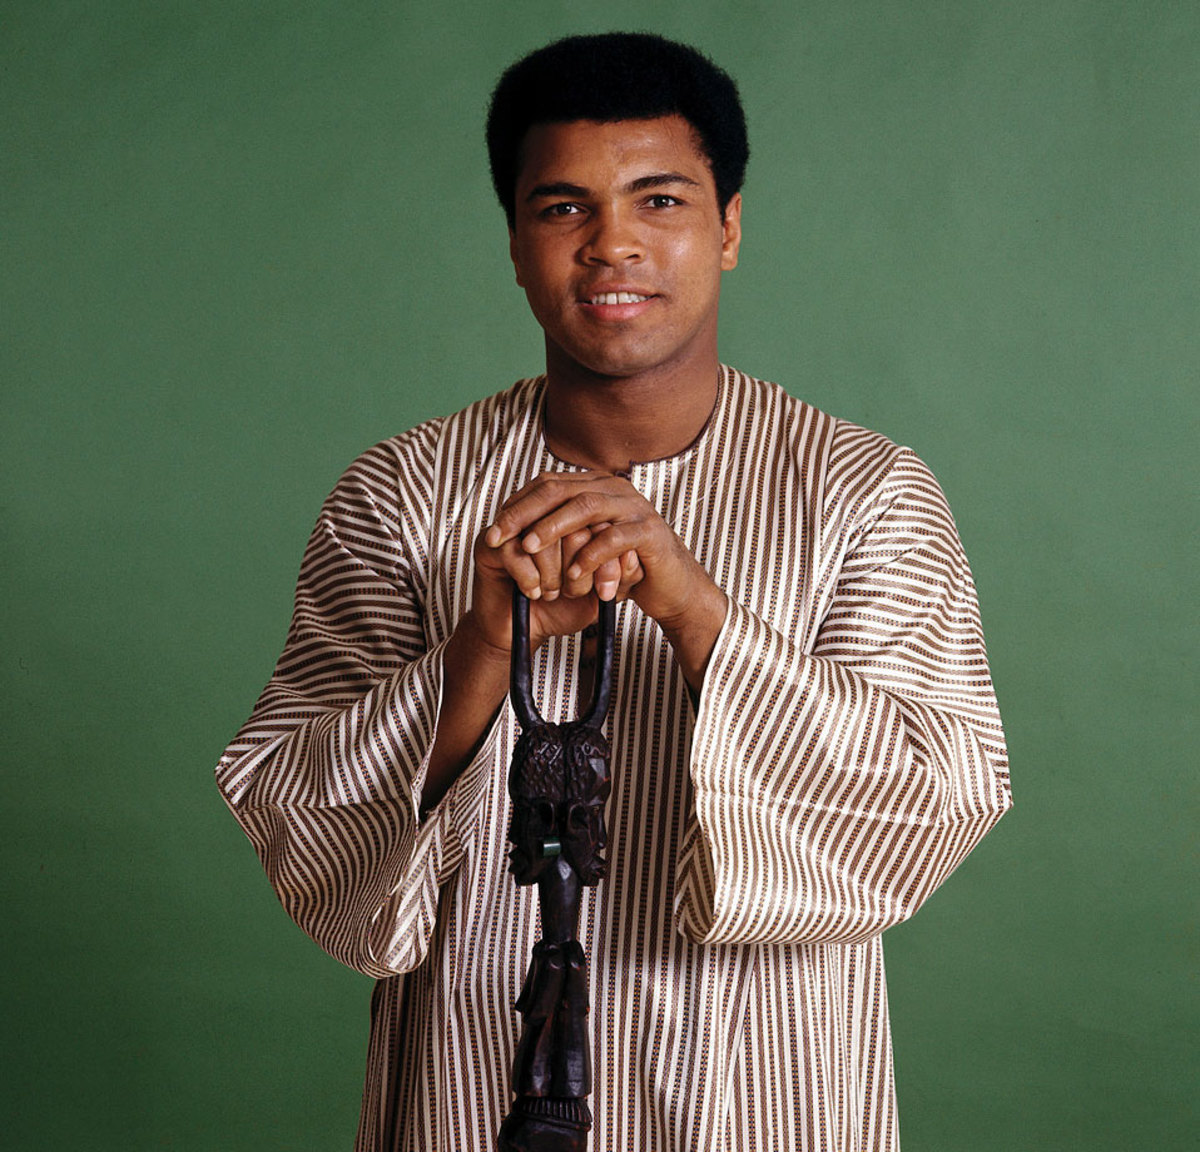 1974-Muhammad-Ali-014473502.jpg